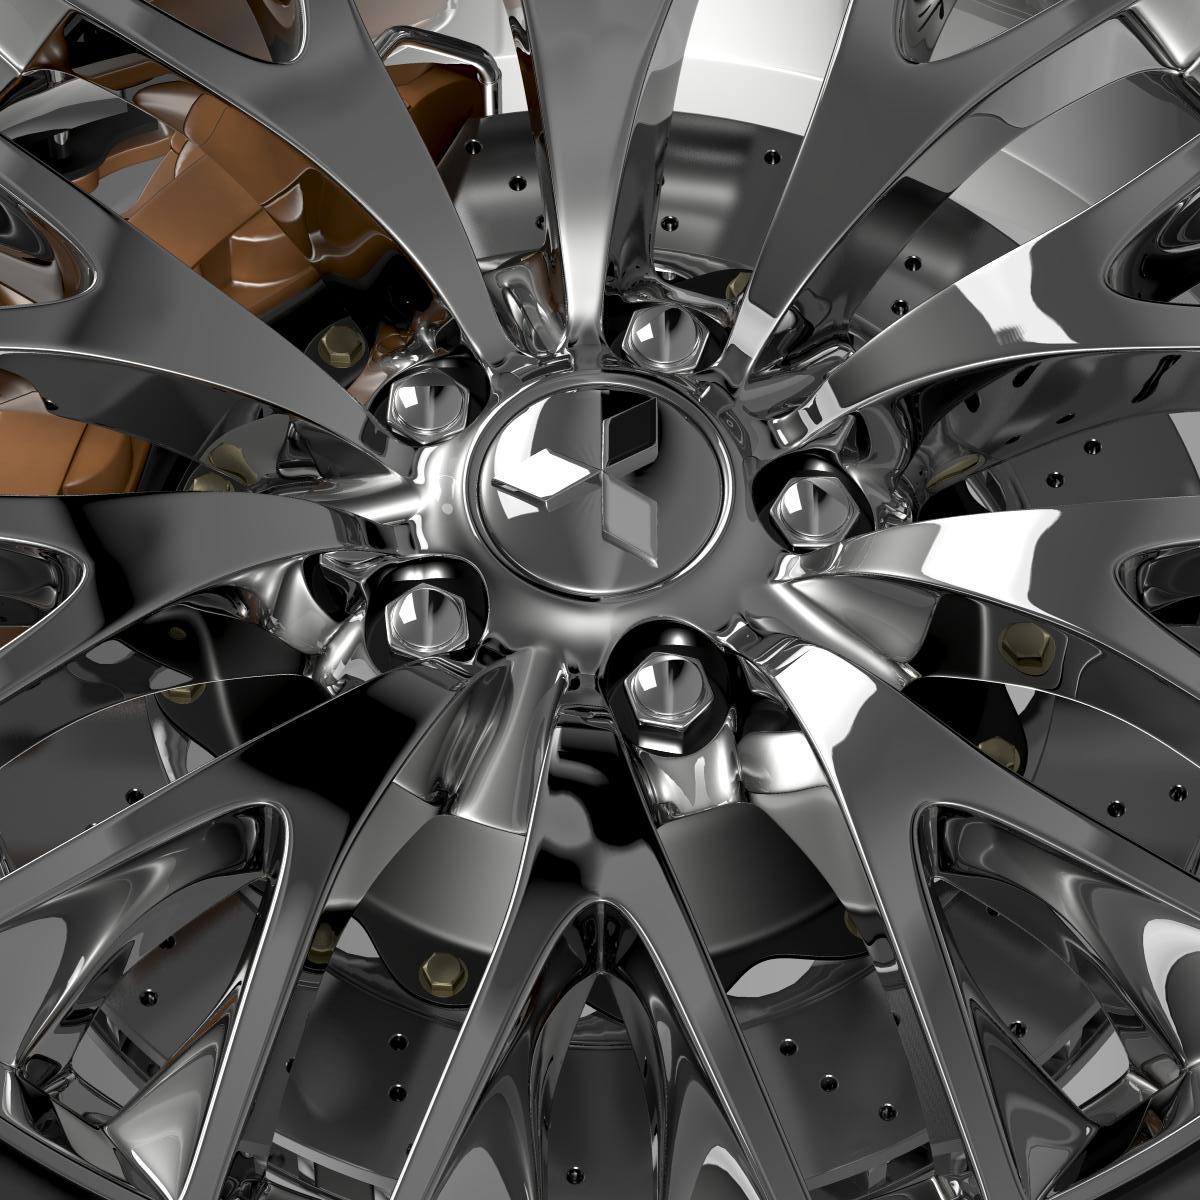 mitsubishi dignity wheel 3d model 3ds max fbx c4d lwo ma mb hrc xsi obj 210803